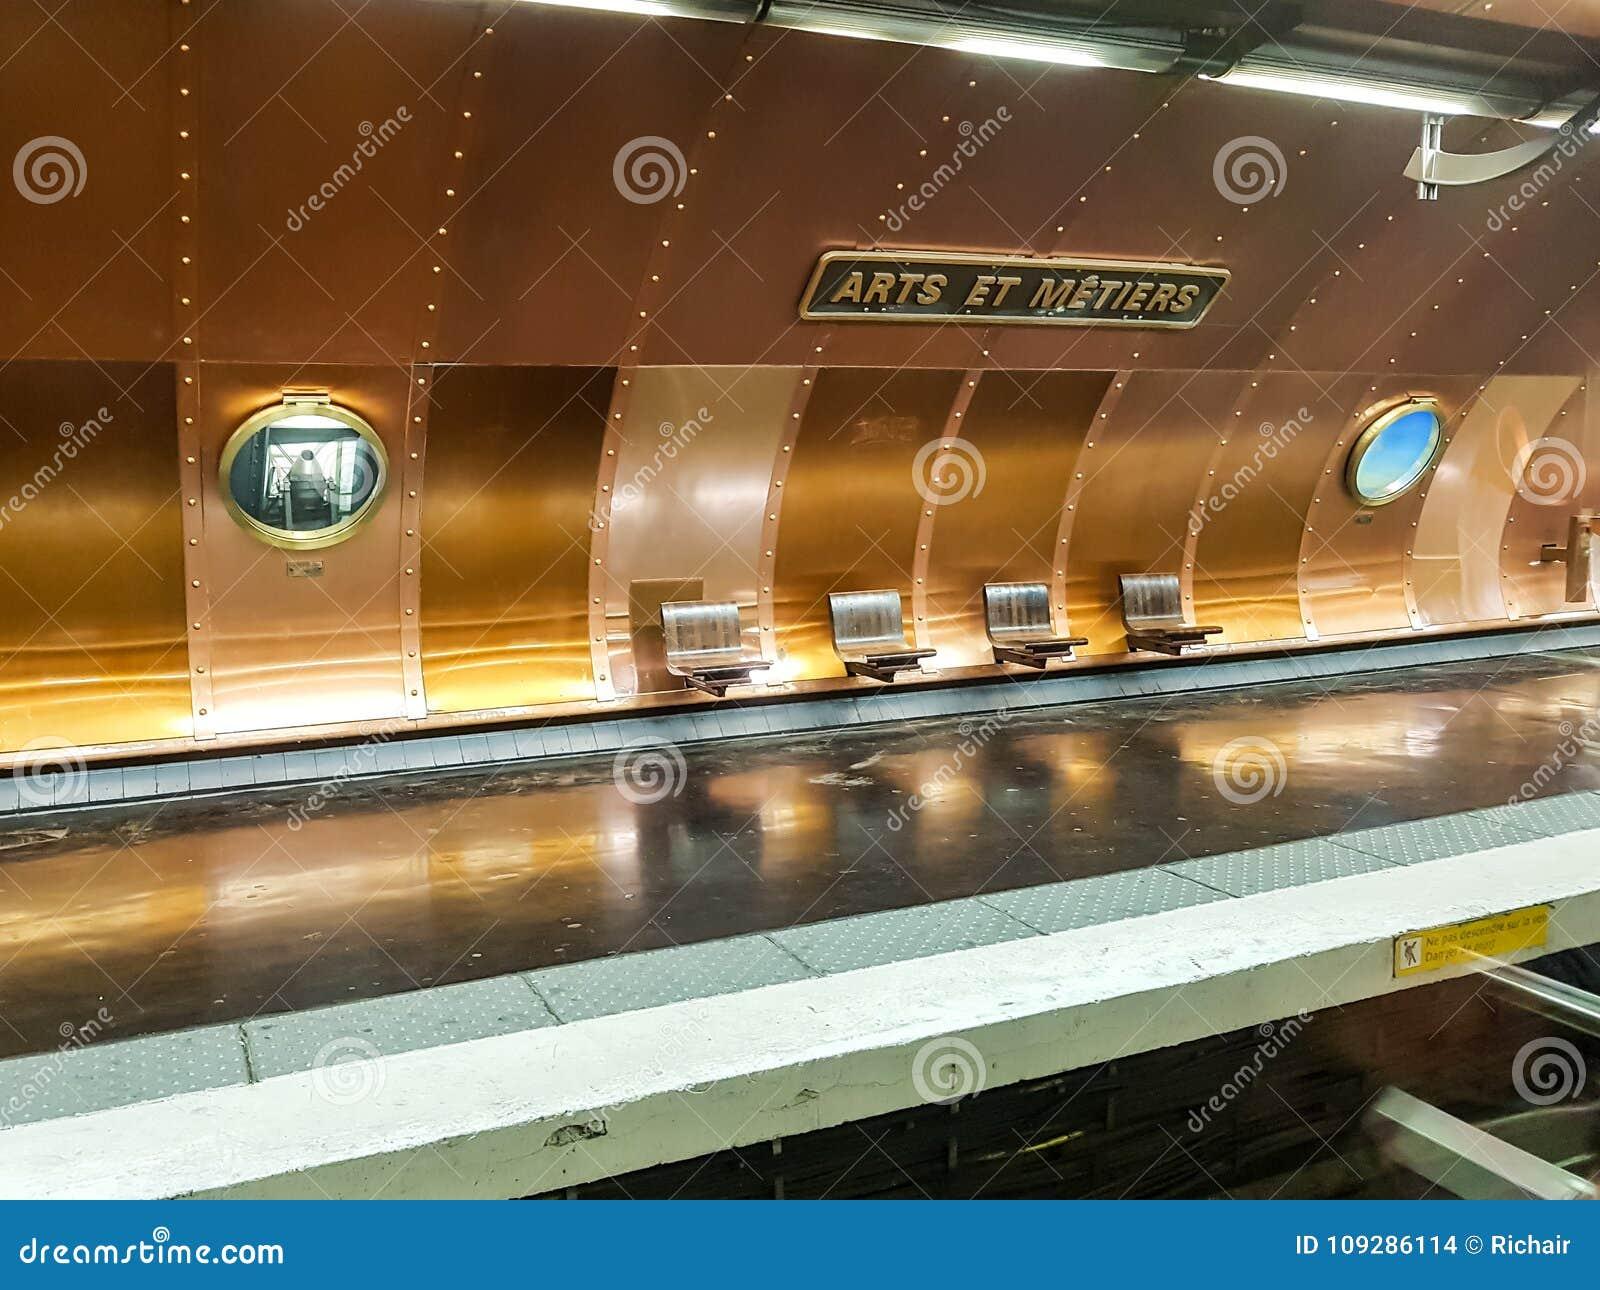 Artes y estación de metro de los Metiers